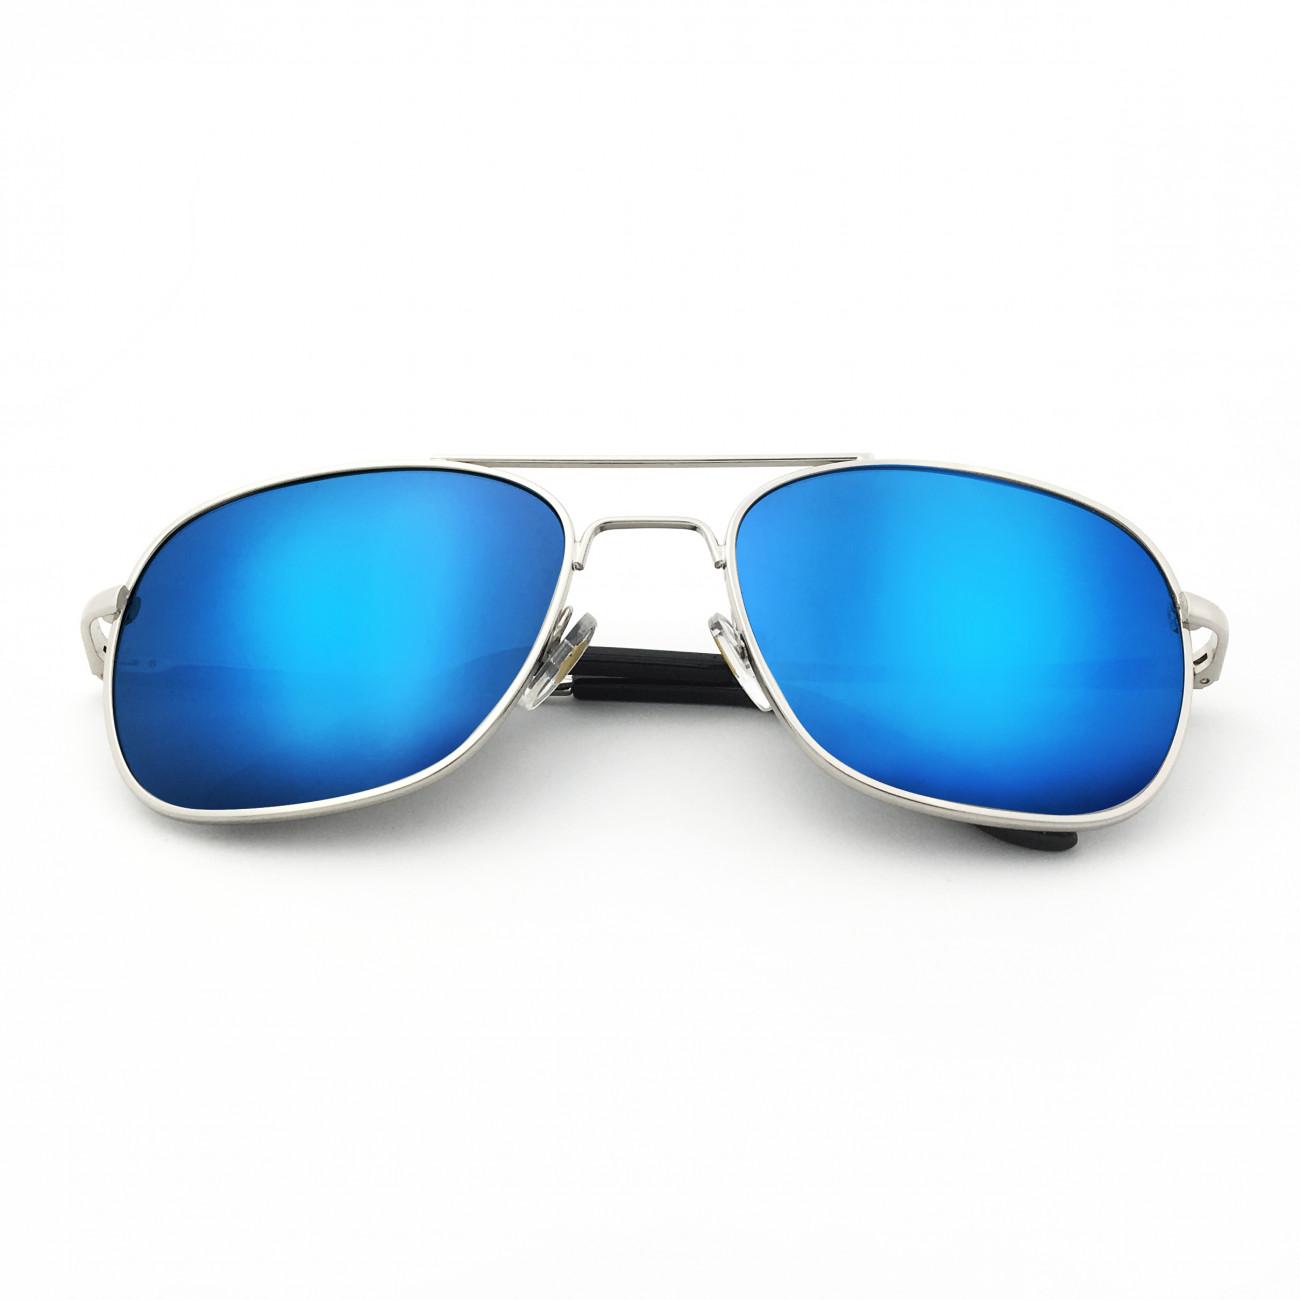 1115c01e5a Square Aviator Sunglasses, Polarized, 100% UV protection lens